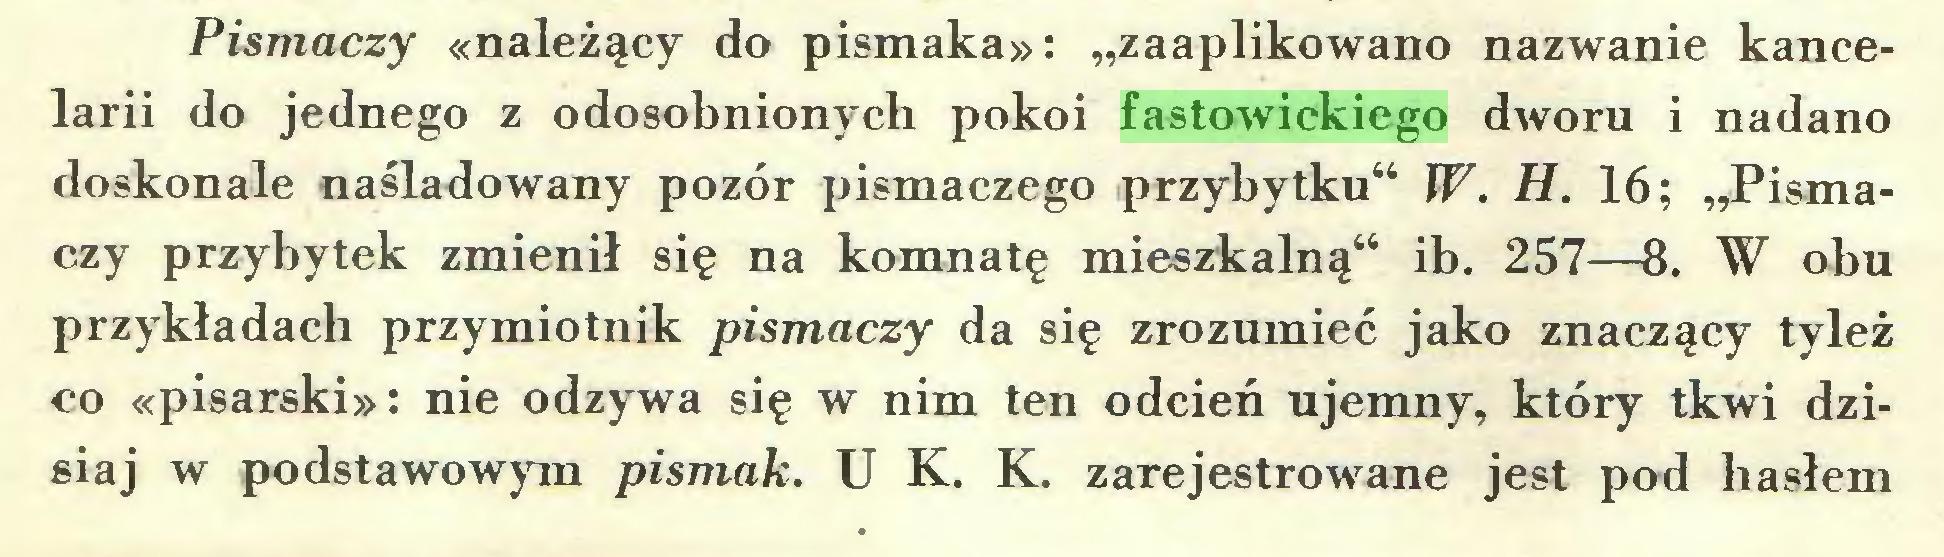 """(...) Pismaczy «należący do pismaka»: """"zaaplikowano nazwanie kancelarii do jednego z odosobnionych pokoi fastowickiego dworu i nadano doskonale naśladowany pozór pismaczego przybytku"""" W. H. 16; """"Pismaczy przybytek zmienił się na komnatę mieszkalną"""" ib. 257—8. W obu przykładach przymiotnik pismaczy da się zrozumieć jako znaczący tyleż co «pisarski»: nie odzywa się w nim ten odcień ujemny, który tkwi dzisiaj w podstawowym pismak. U K. K. zarejestrowane jest pod hasłem..."""